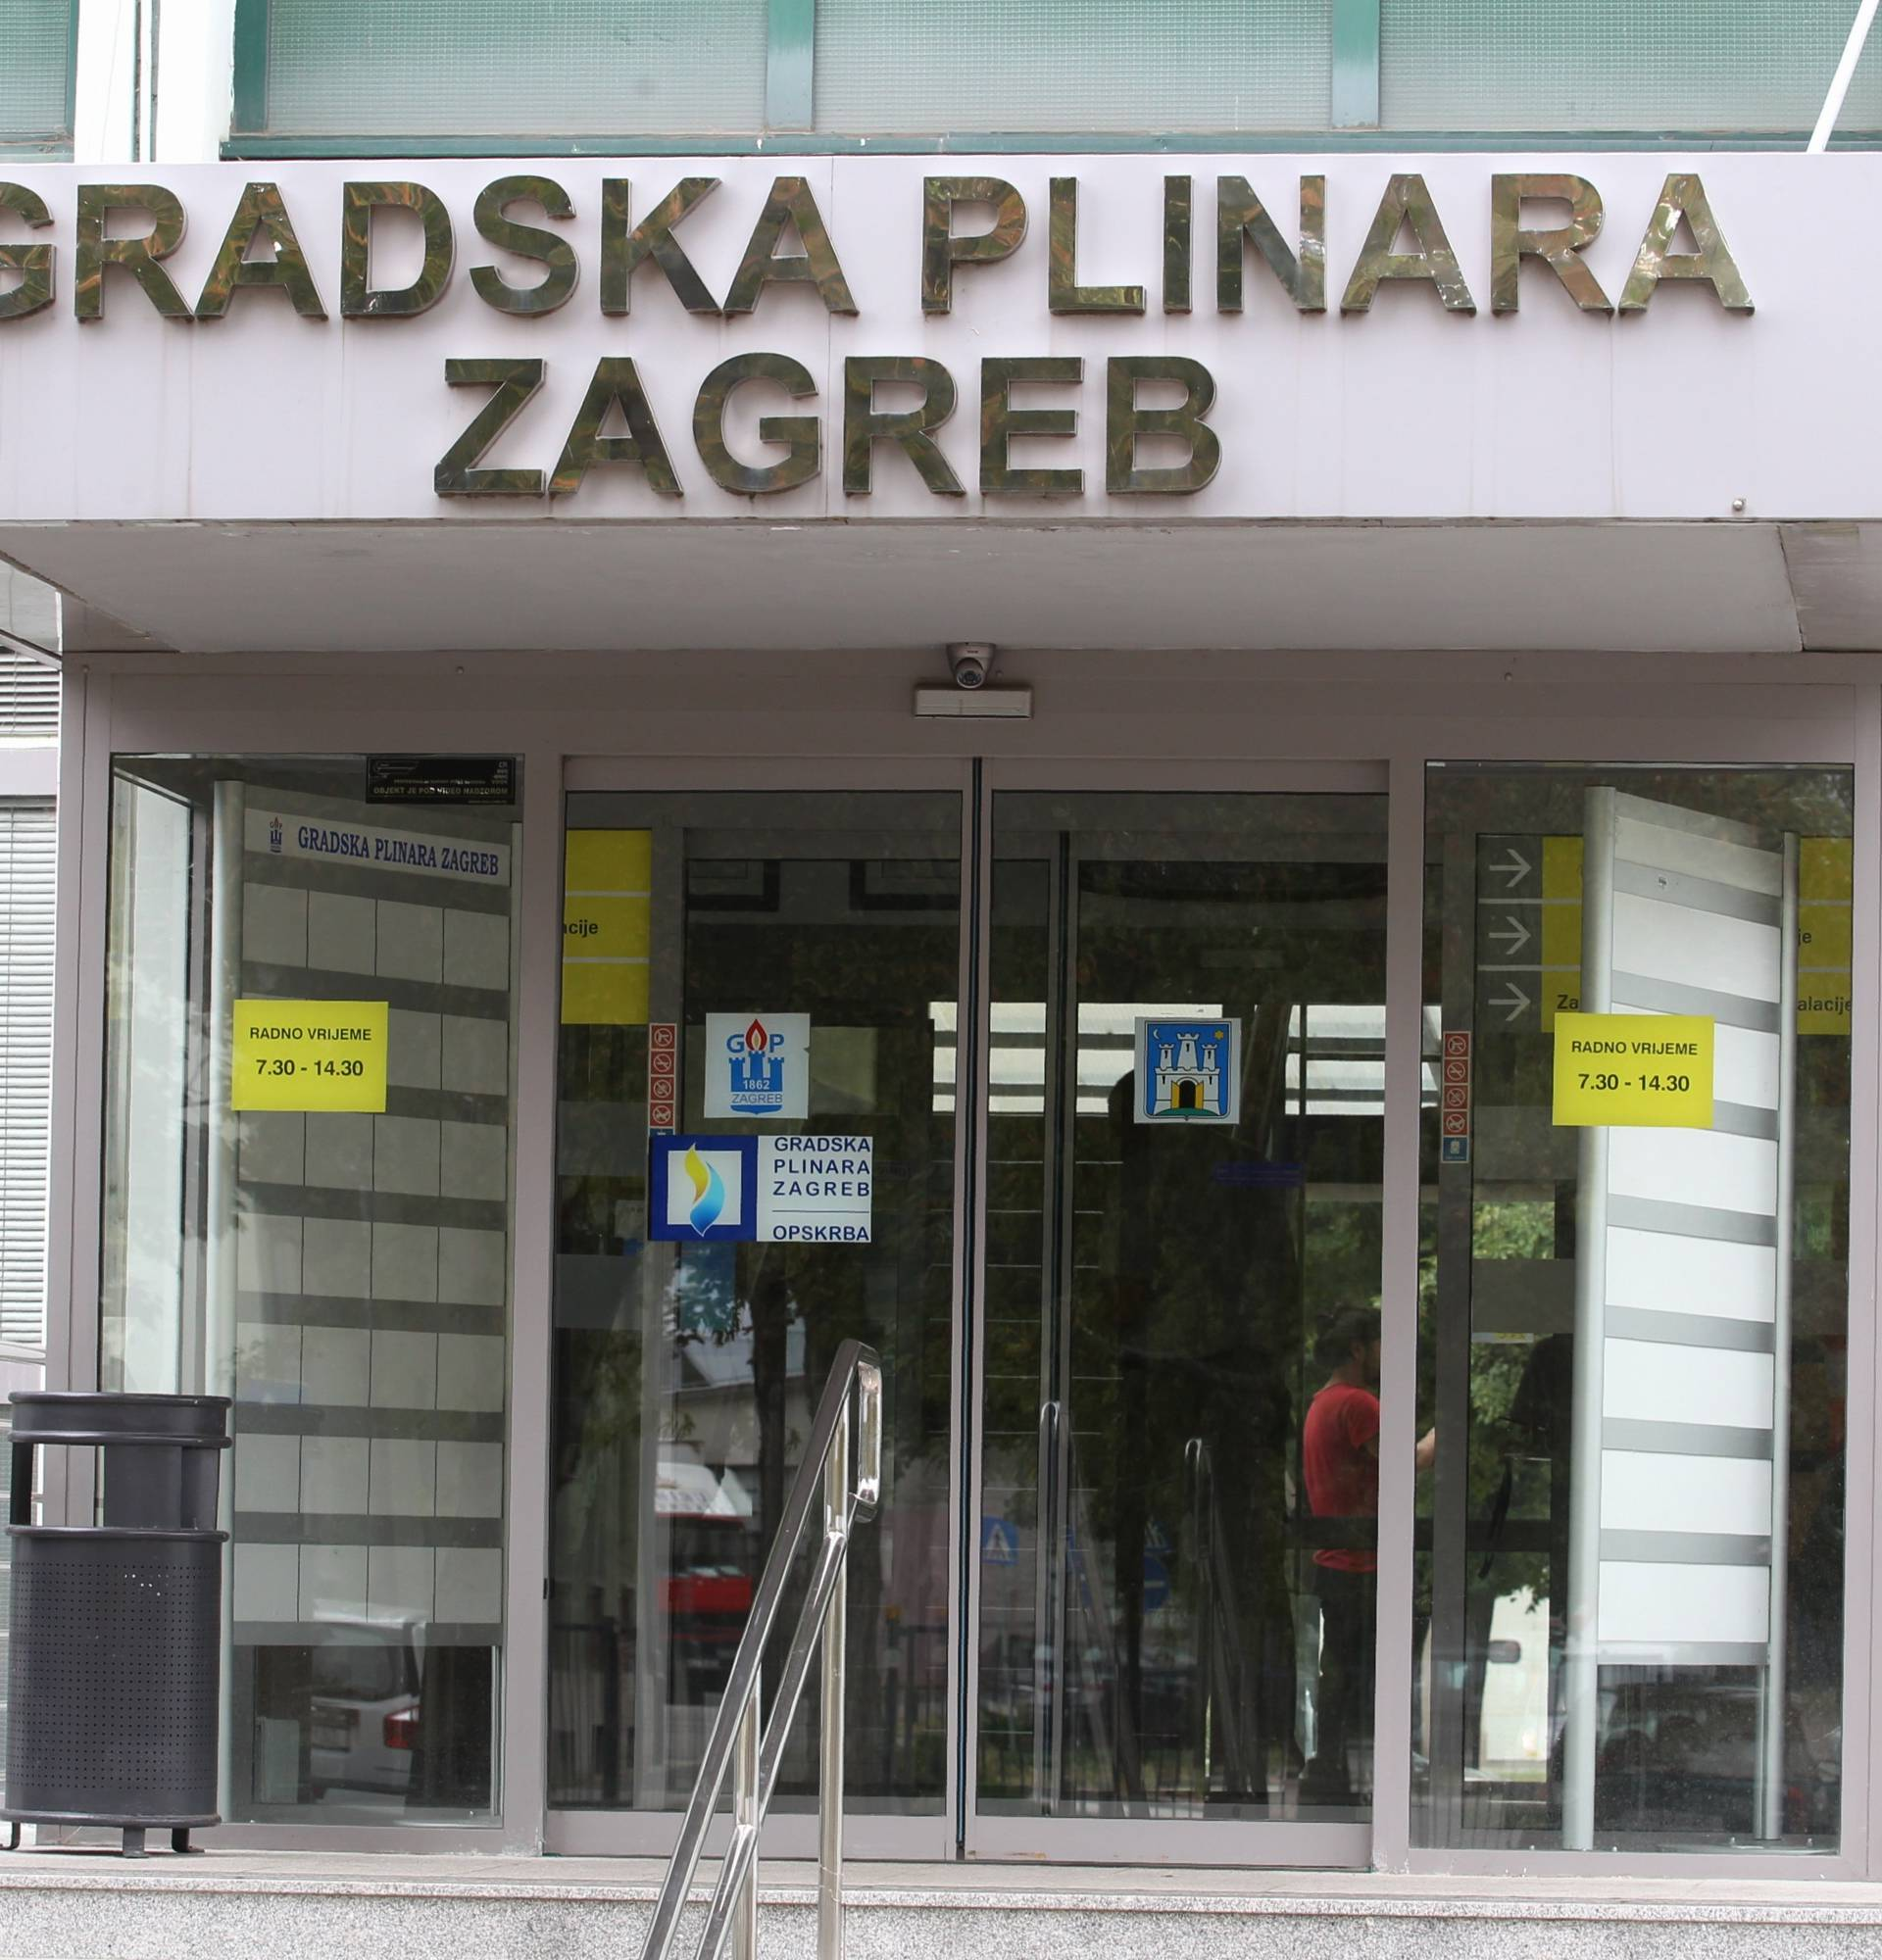 Zagrebačkoj  Plinari sad prijeti stečaj zbog Vladimira Putina